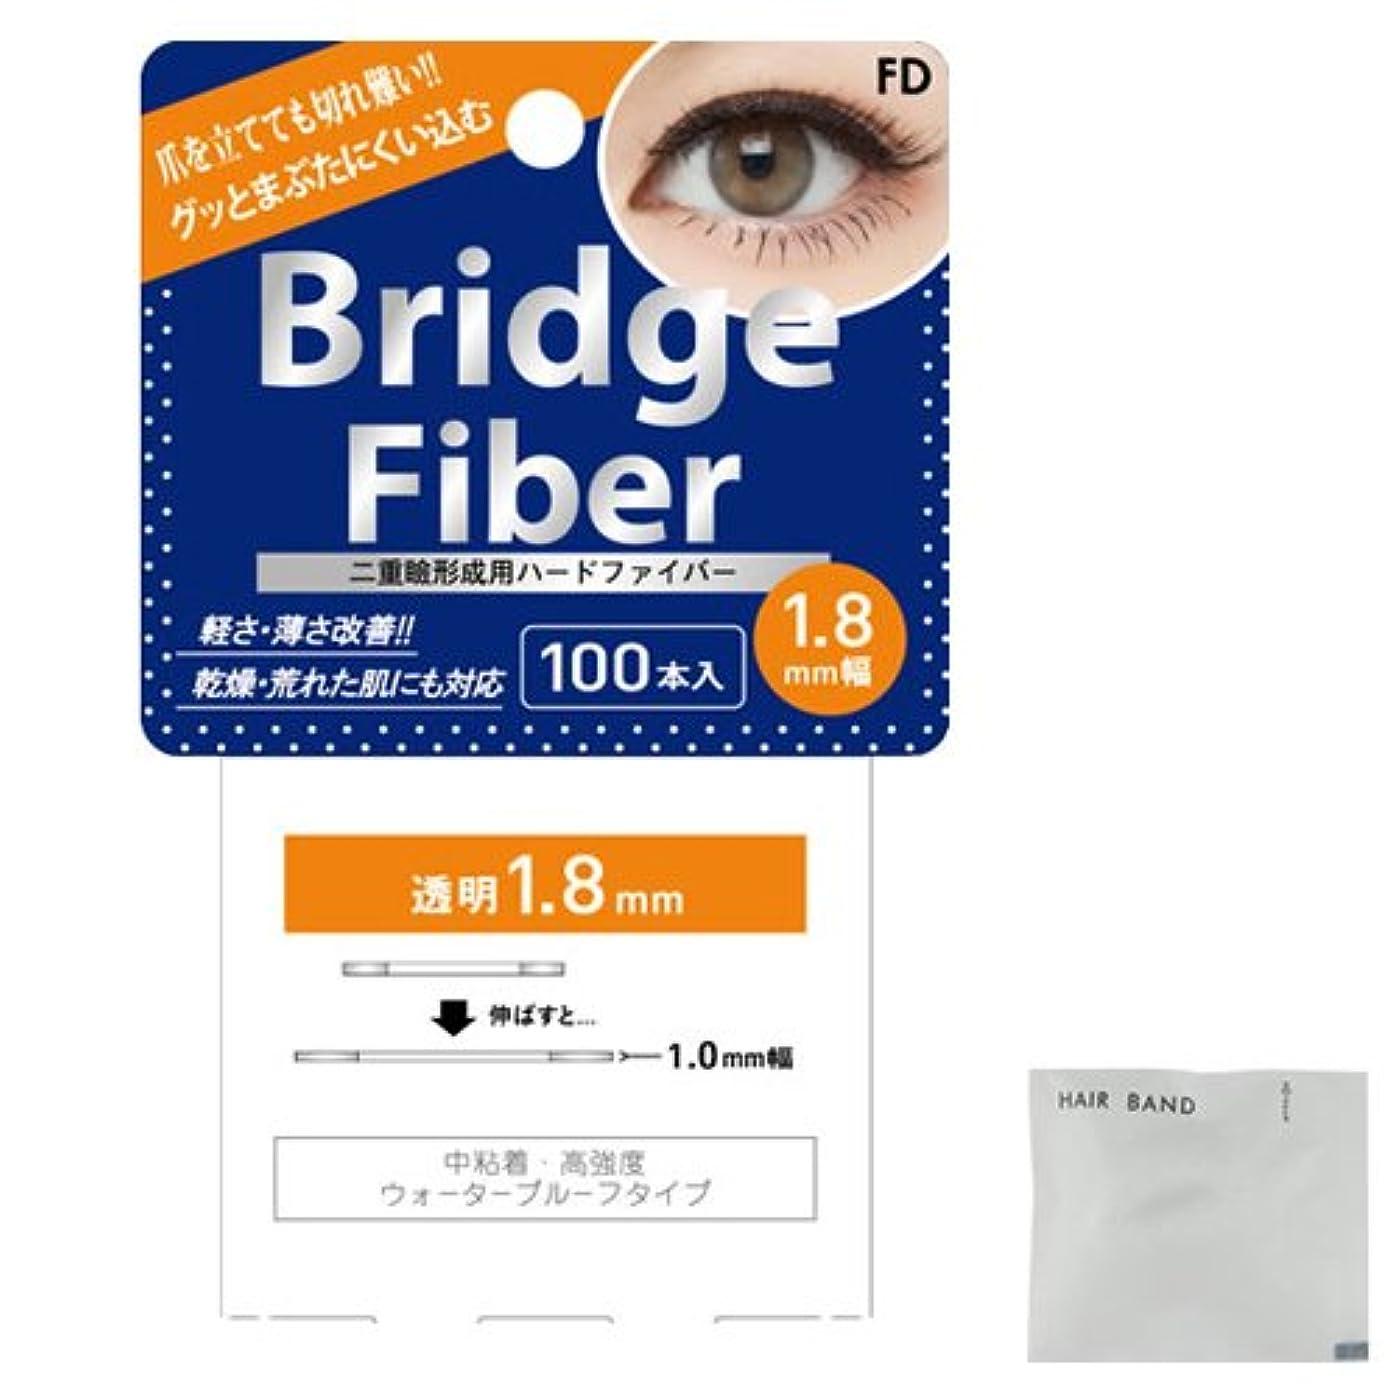 クリップ蝶余計なスプレーFD ブリッジファイバーⅡ (Bridge Fiber) クリア1.8mm + ヘアゴム(カラーはおまかせ)セット